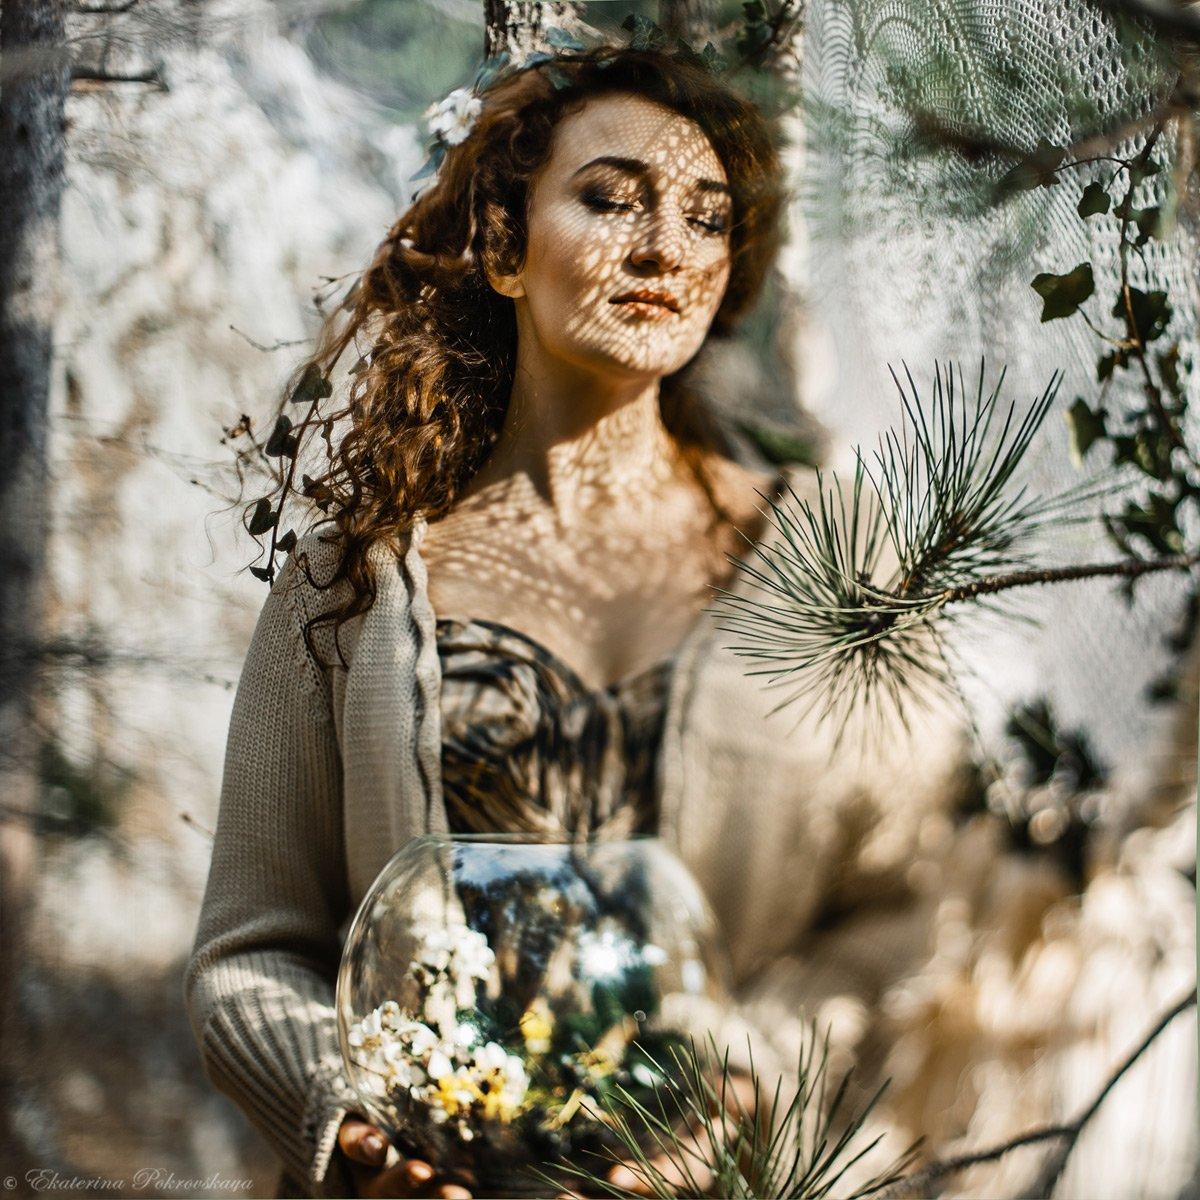 девушка весна тень, Покровская Екатерина